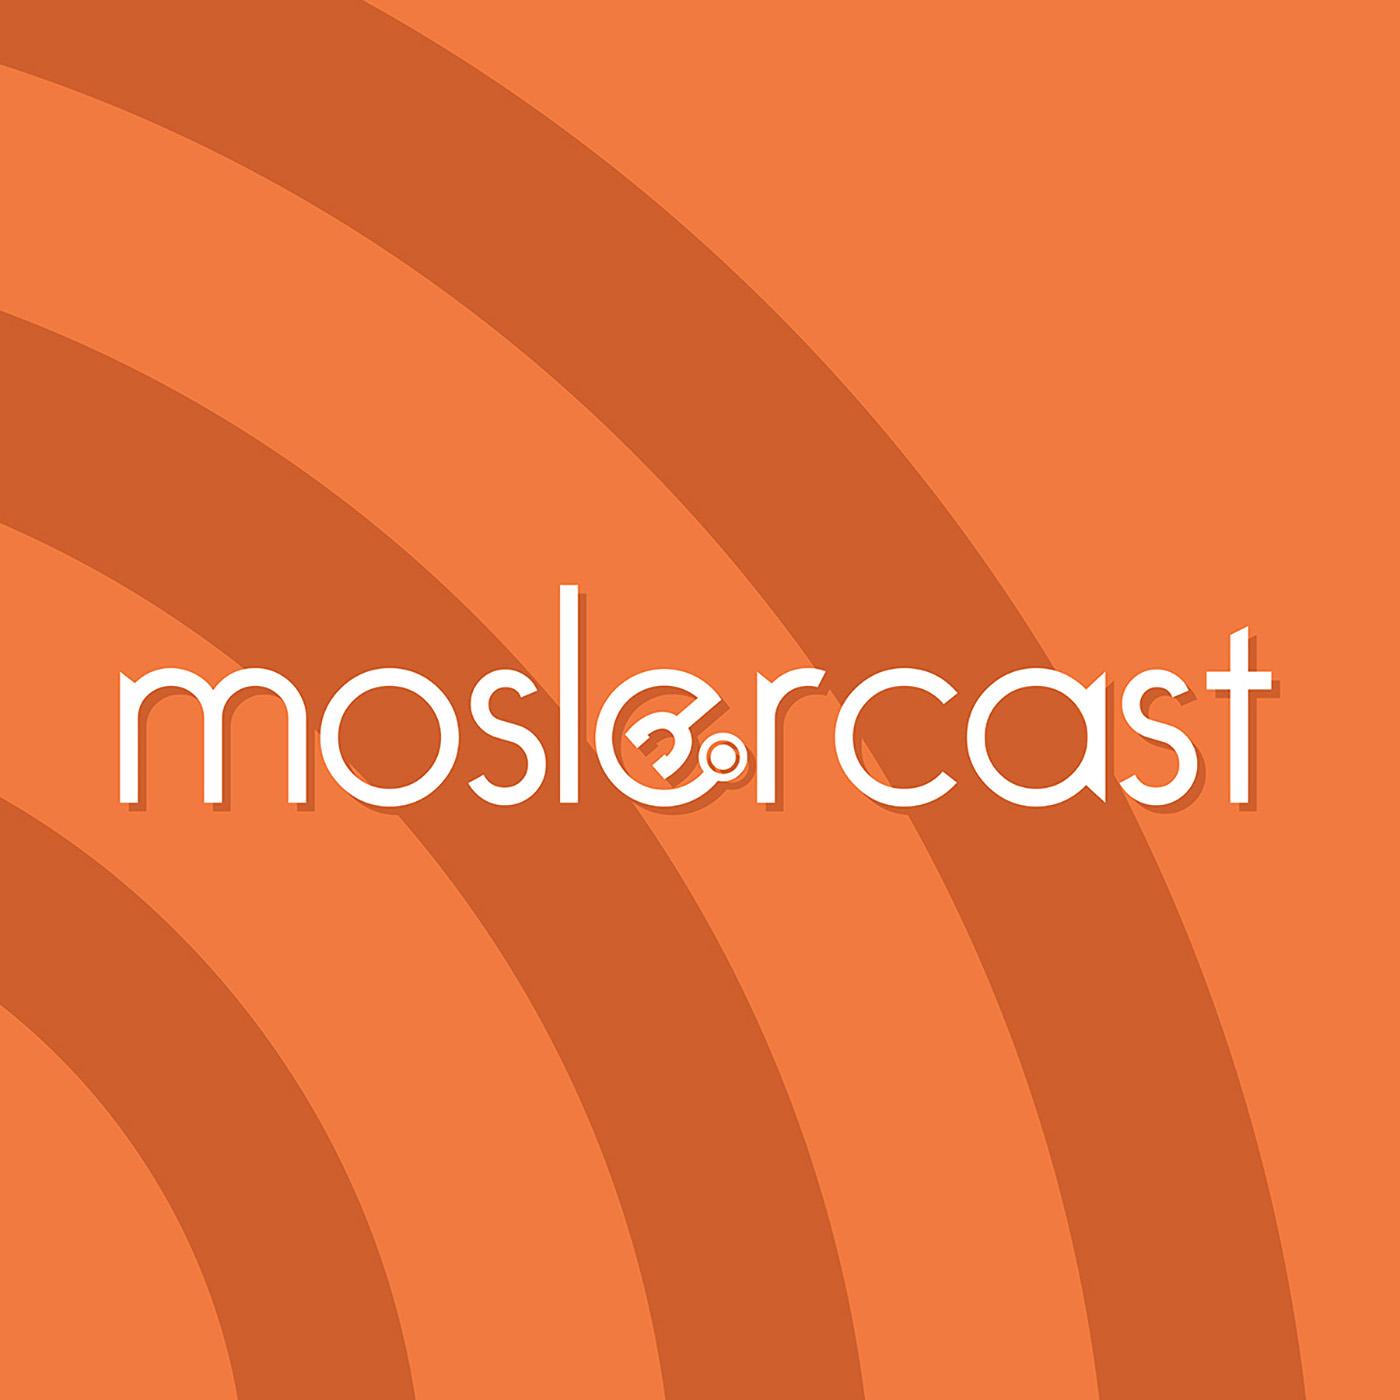 MoslerCast